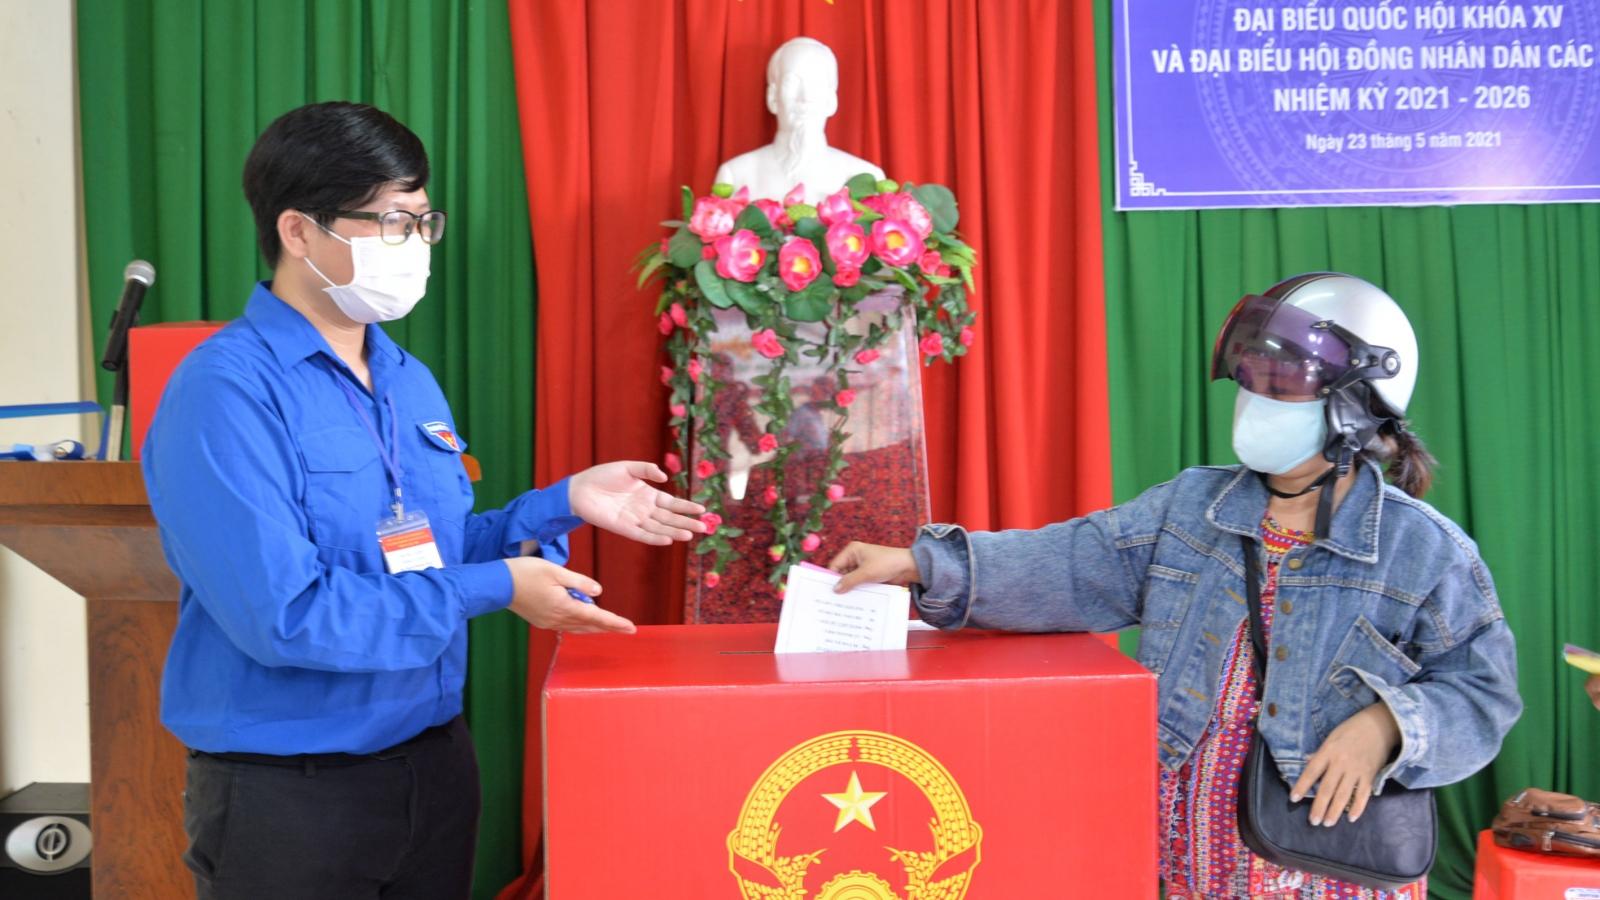 Cần Thơ công bố kết quả bầu cử Hội đồng Nhân dân